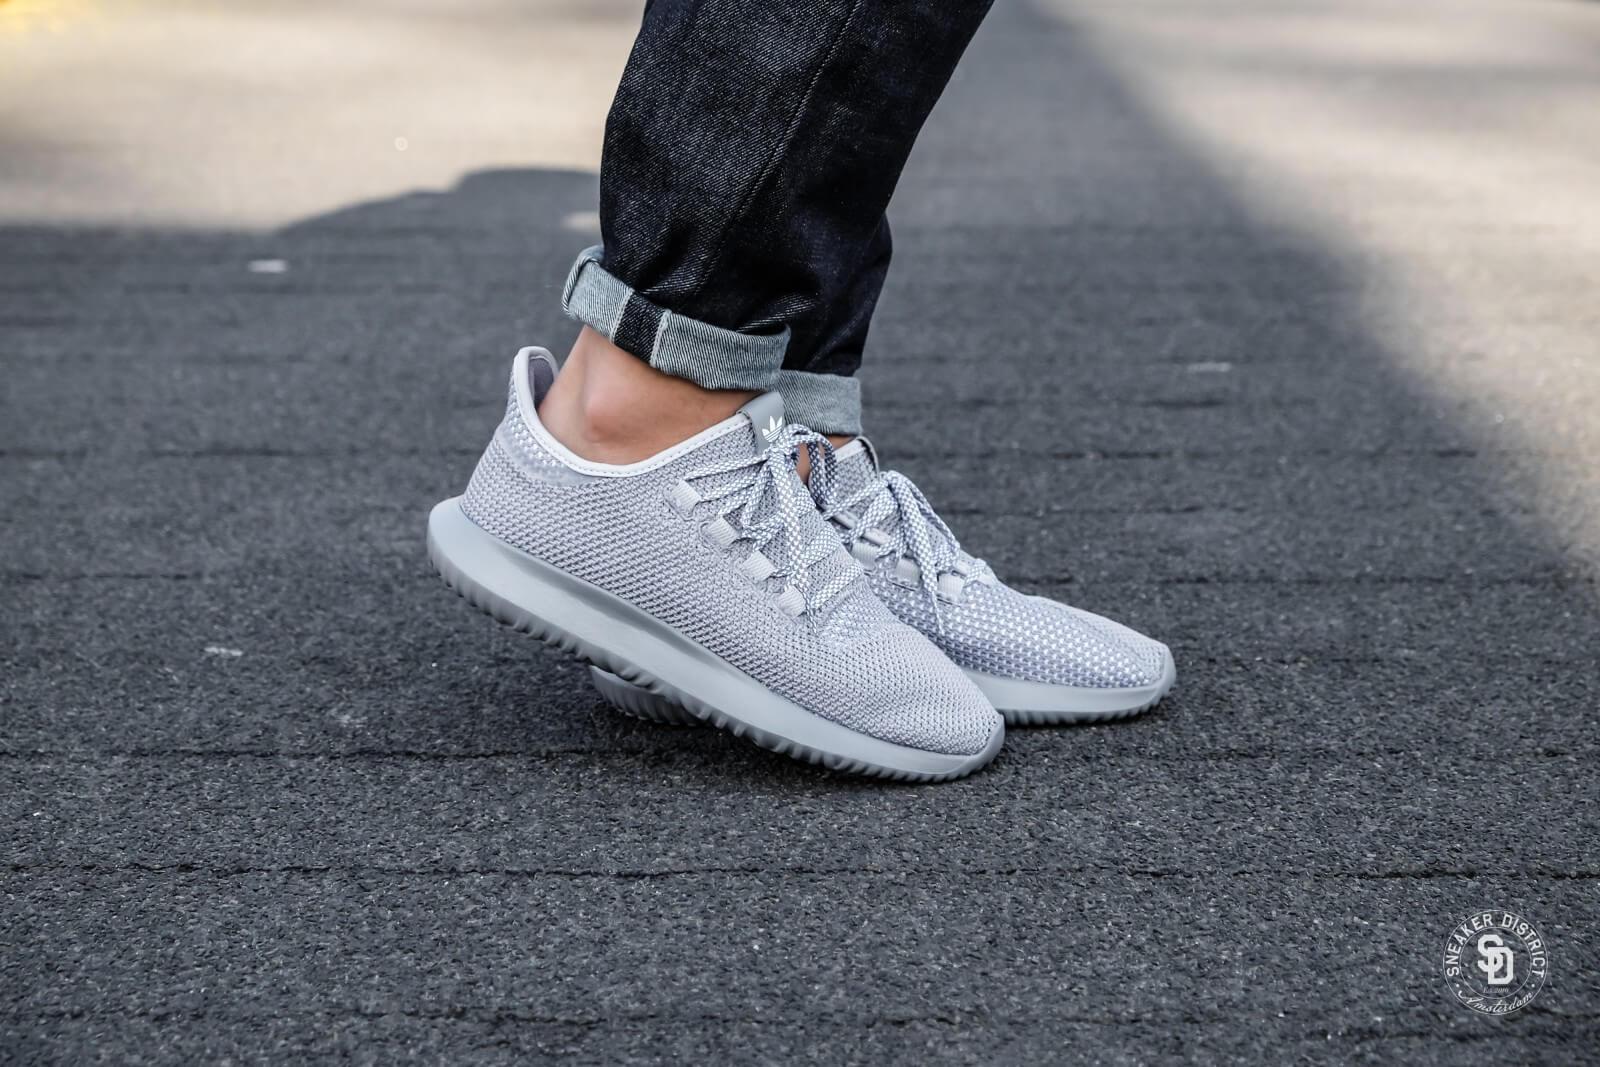 Adidas Tubular Shadow Grey Three/Footwear White